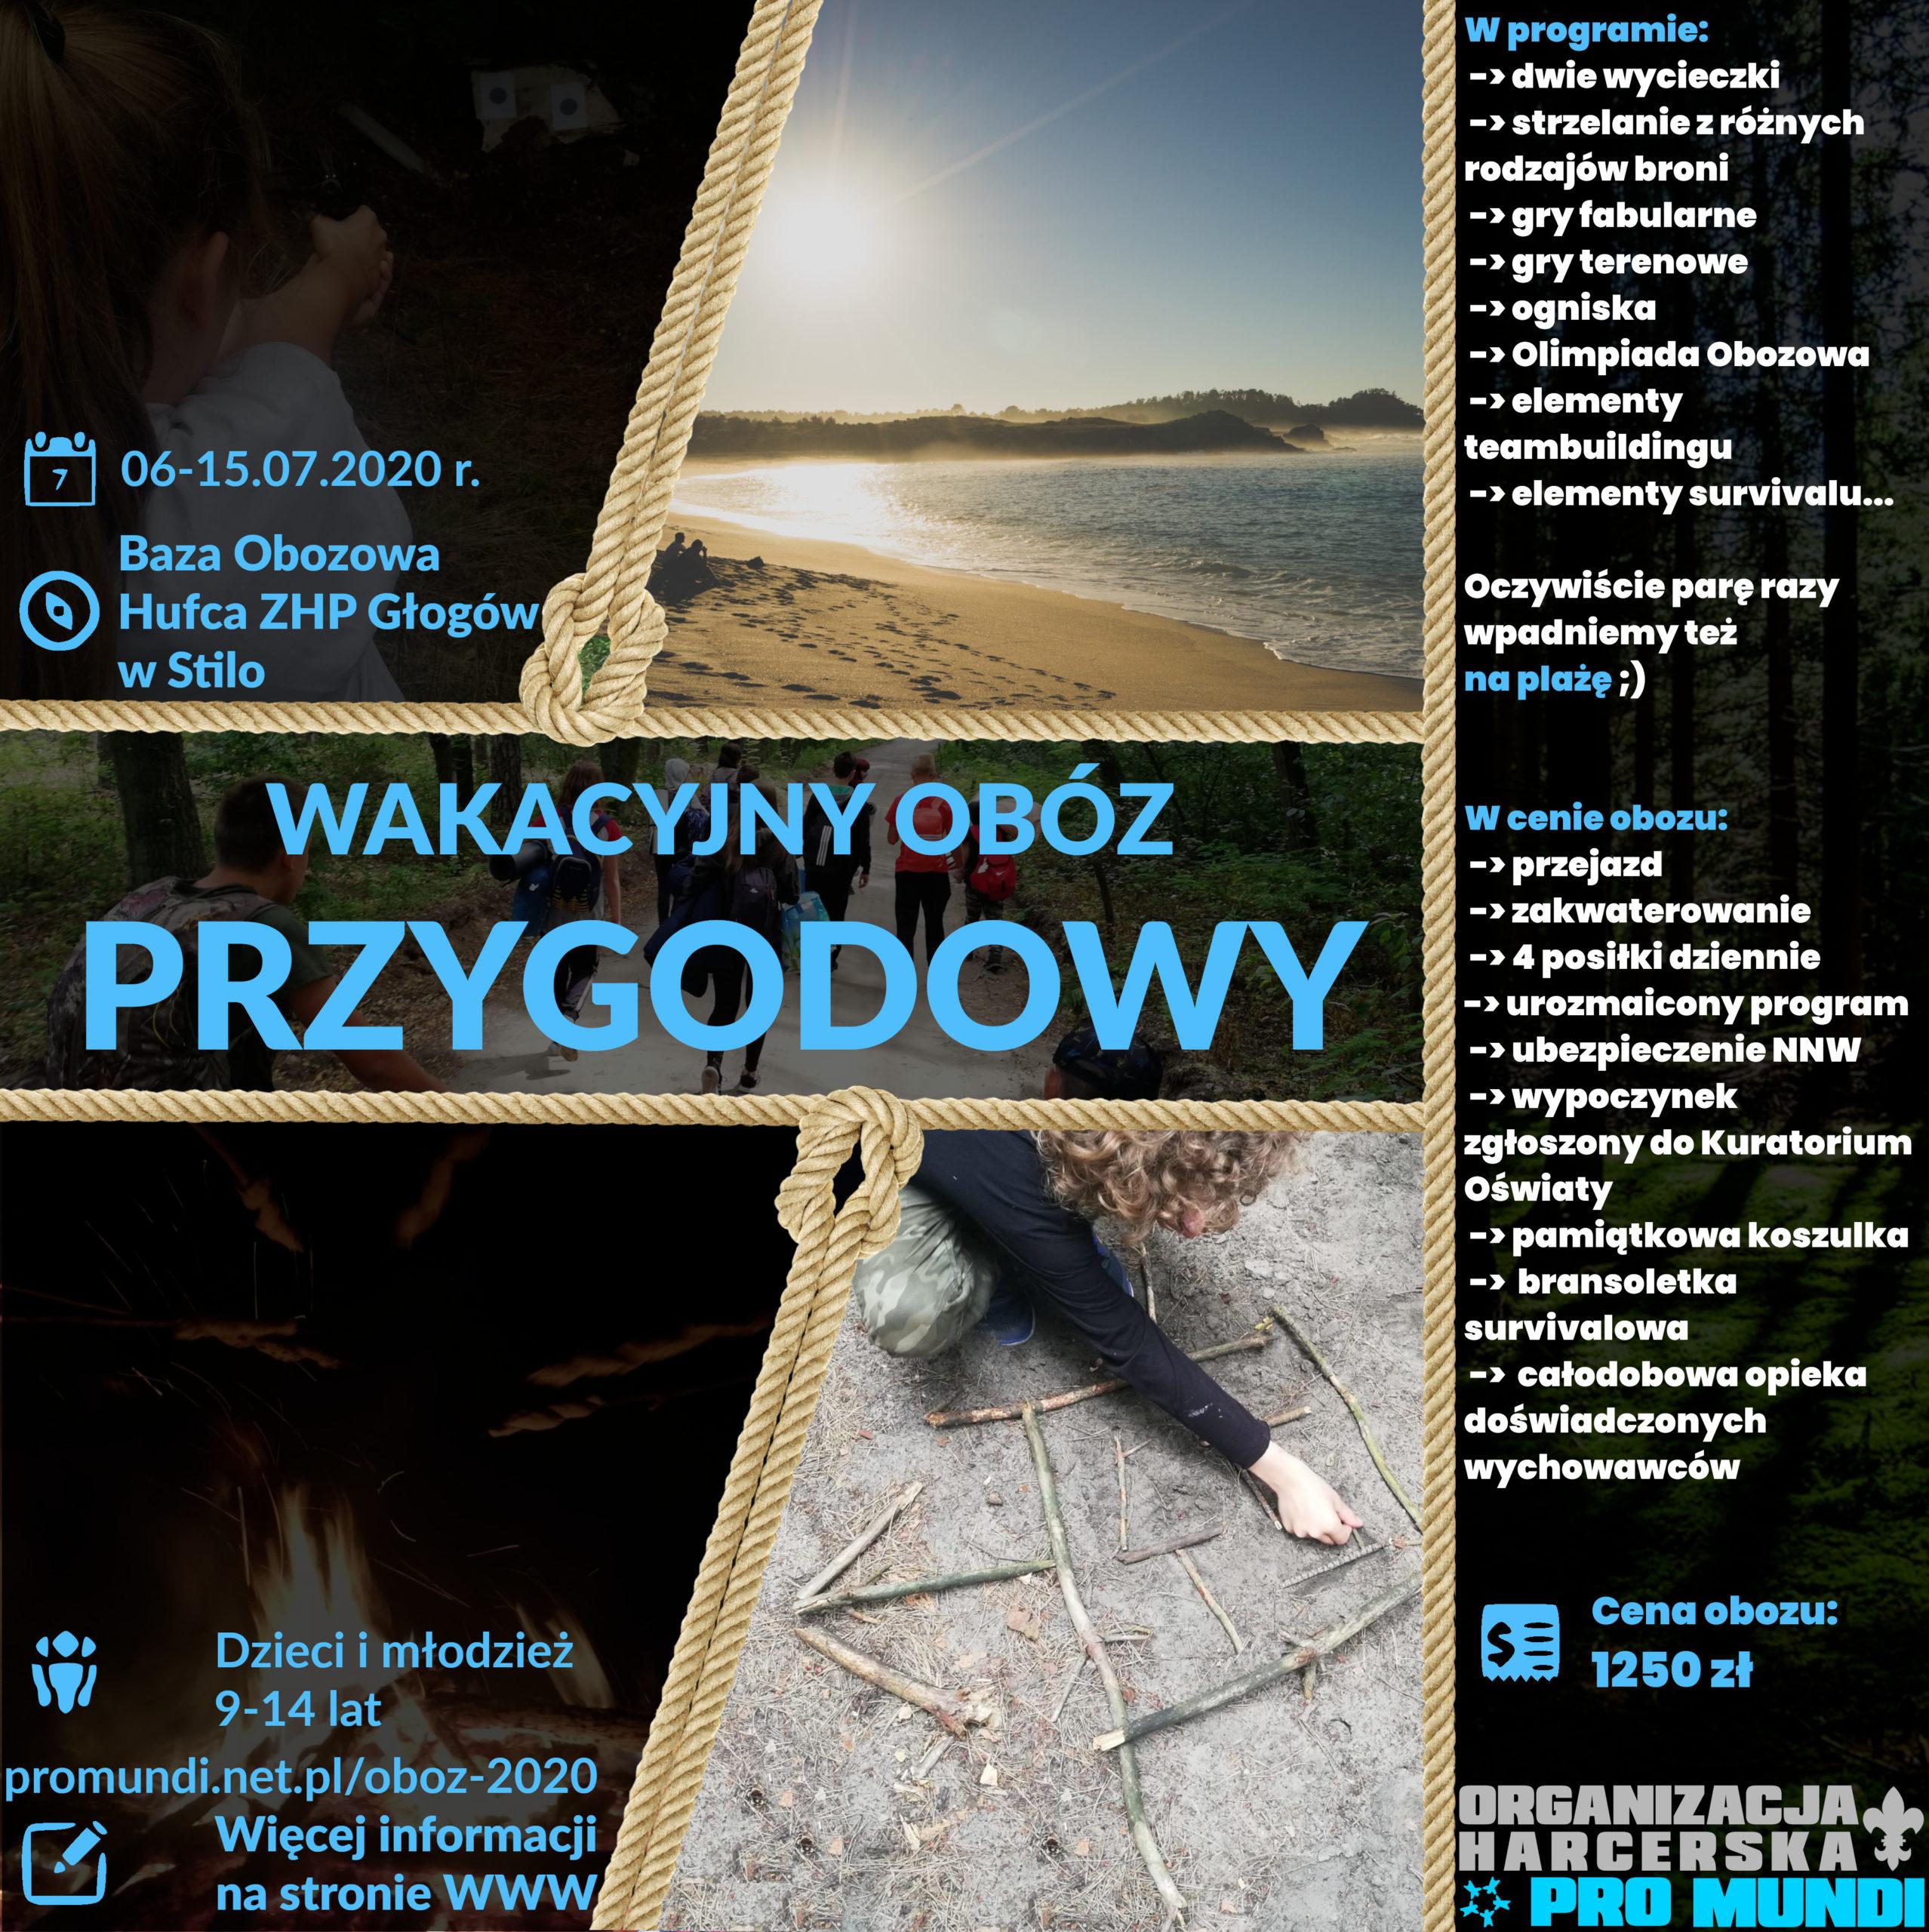 plakat_wakacyjnyobozprzygodowy_2020